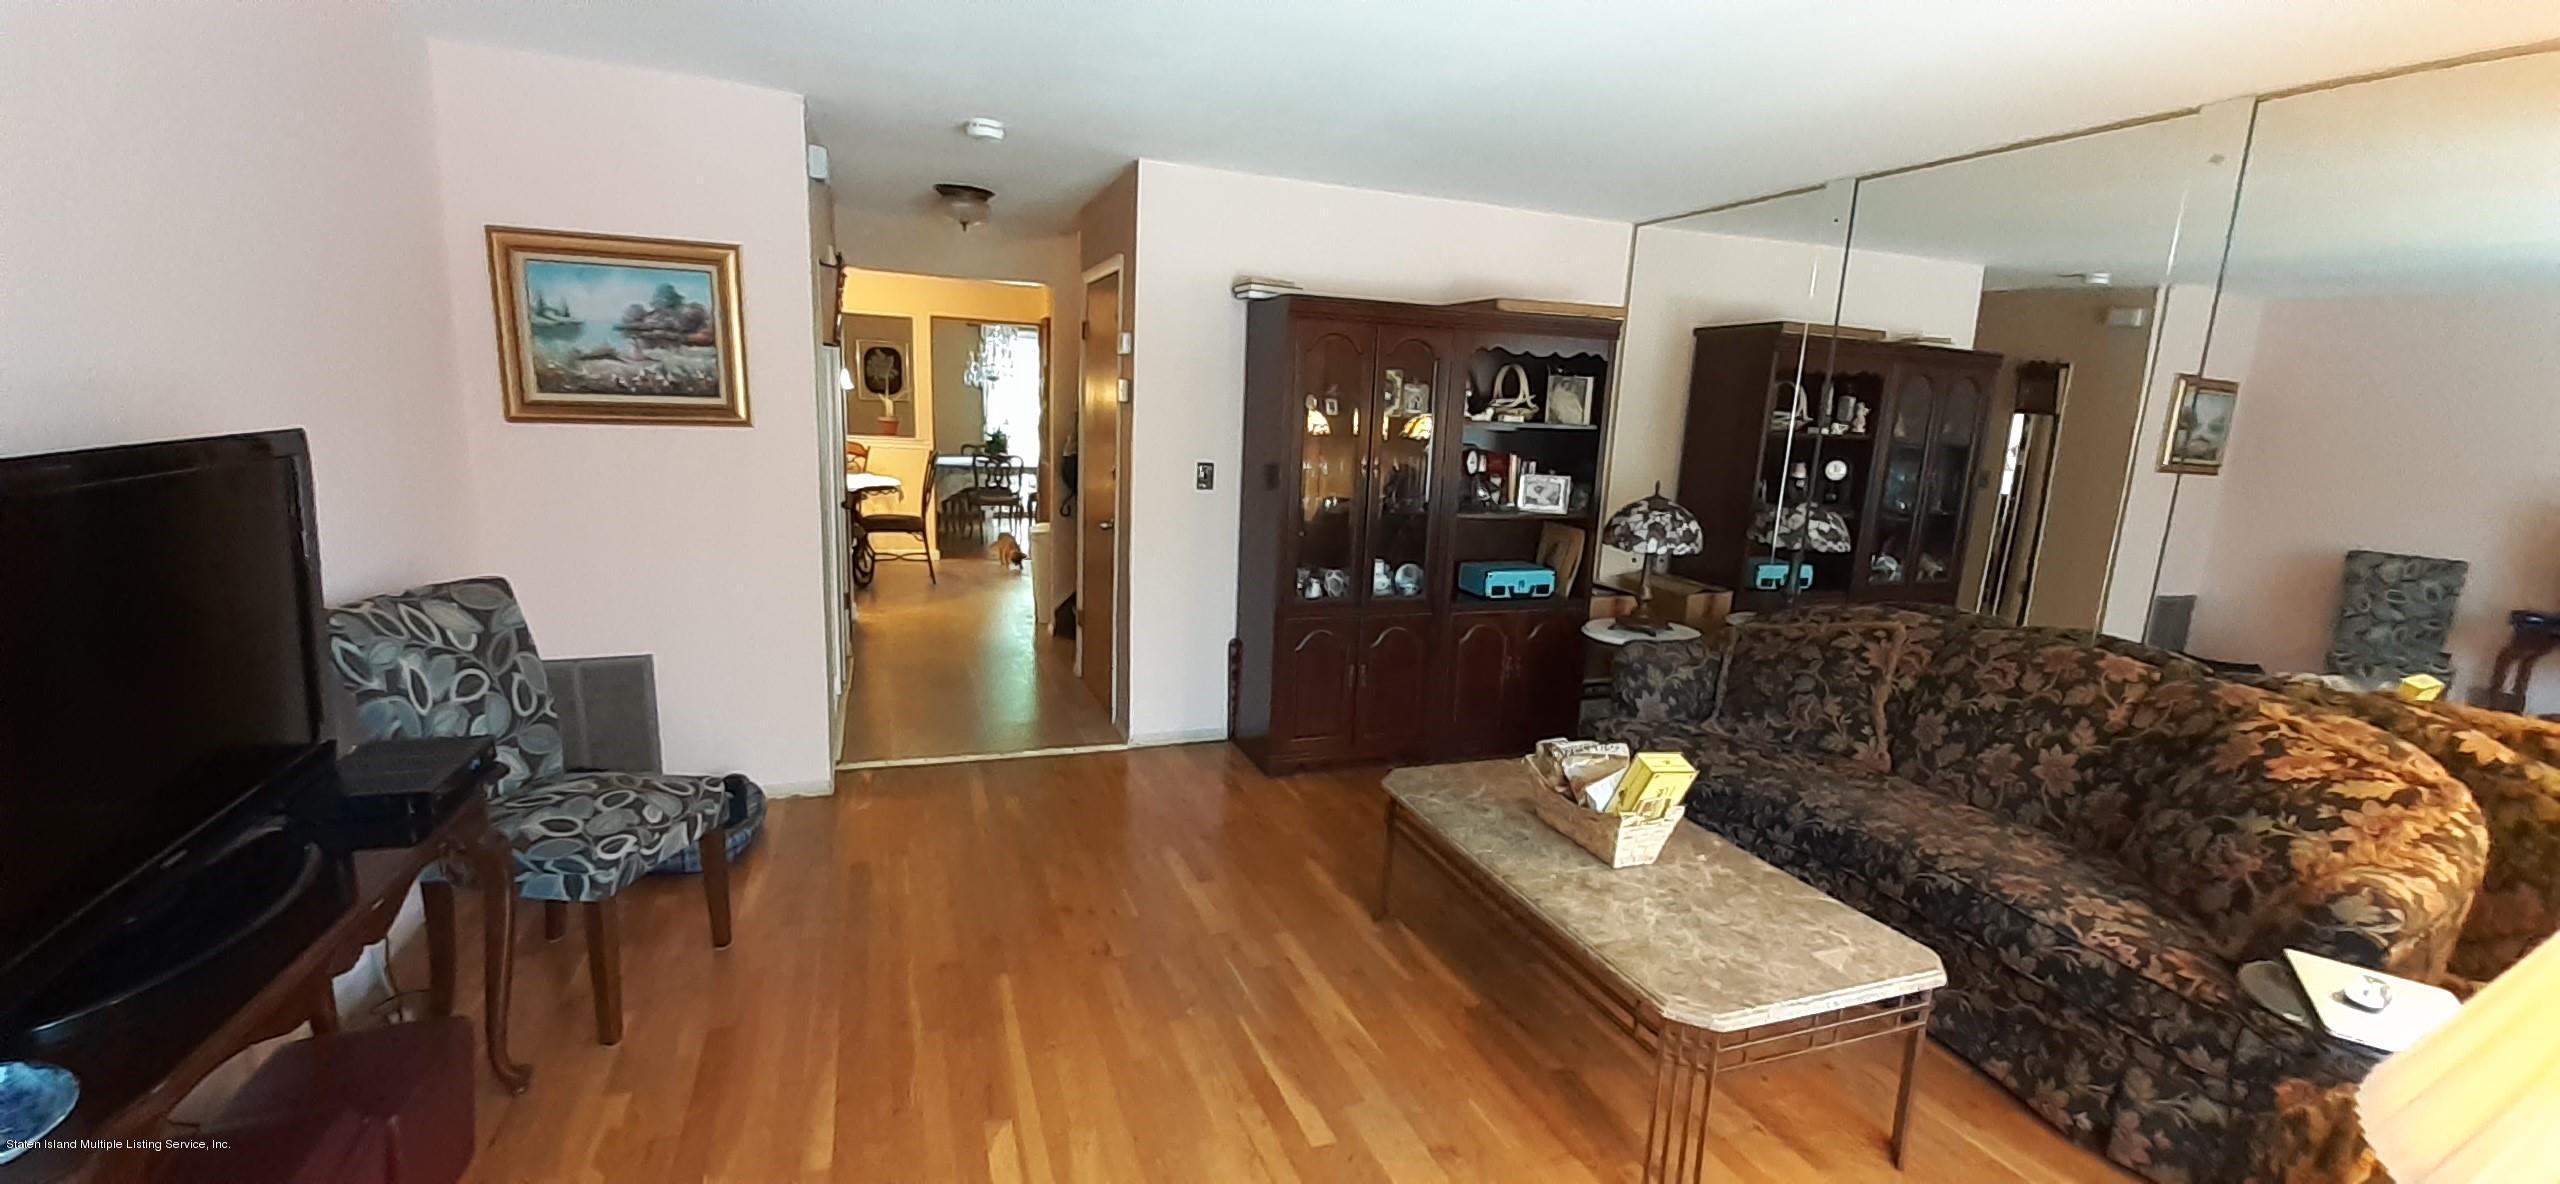 Single Family - Semi-Attached 523 Mason Avenue  Staten Island, NY 10305, MLS-1140258-10